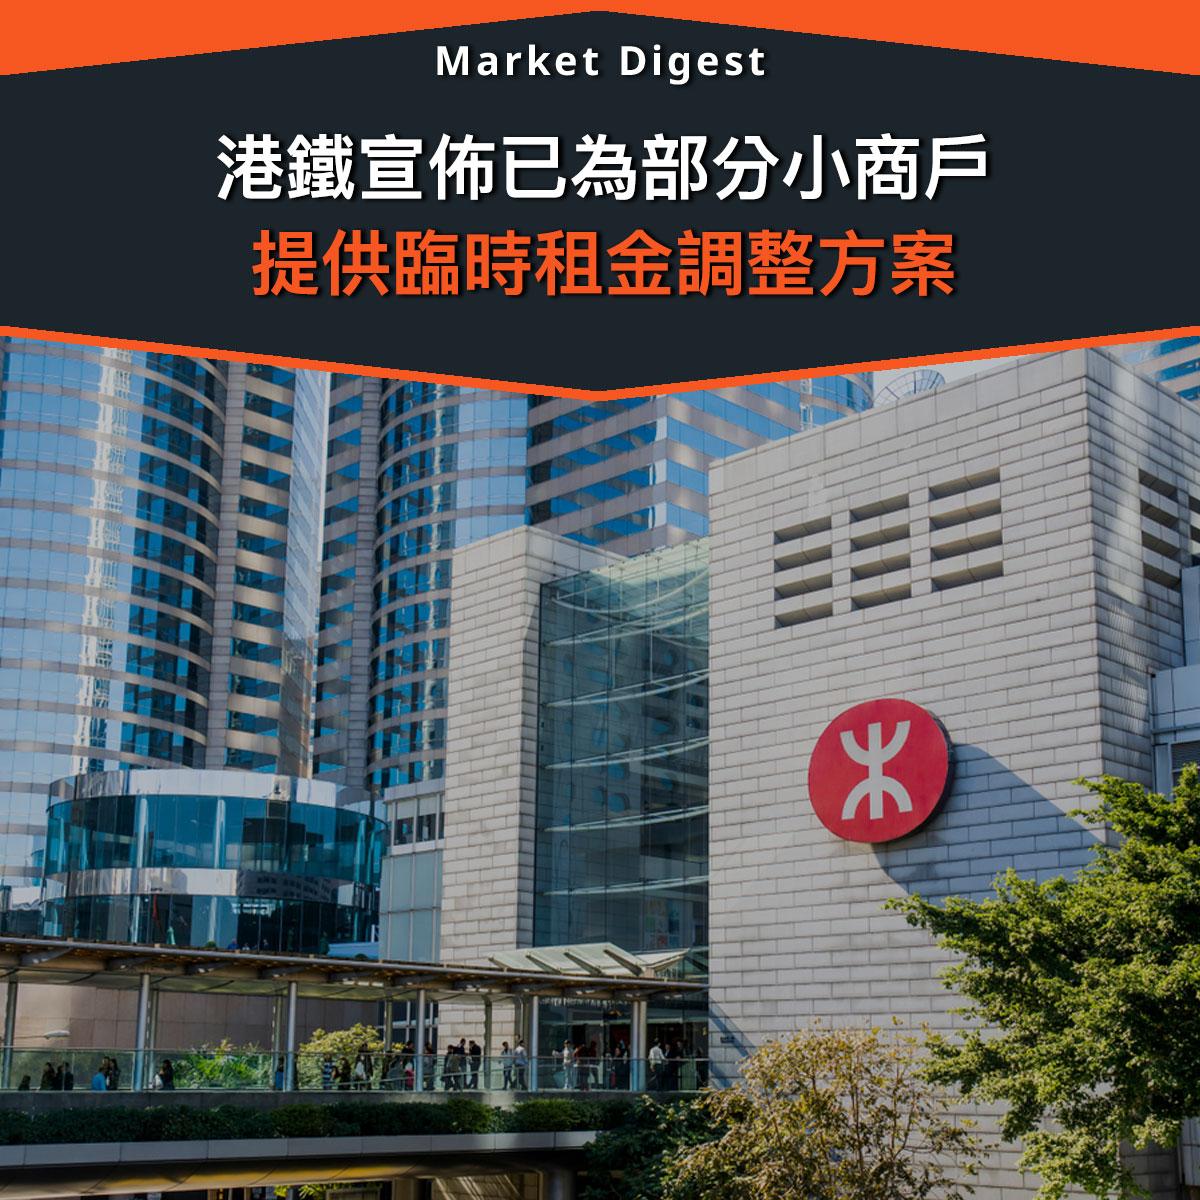 【市場熱話】港鐵宣佈已為部分小商戶提供臨時租金調整方案